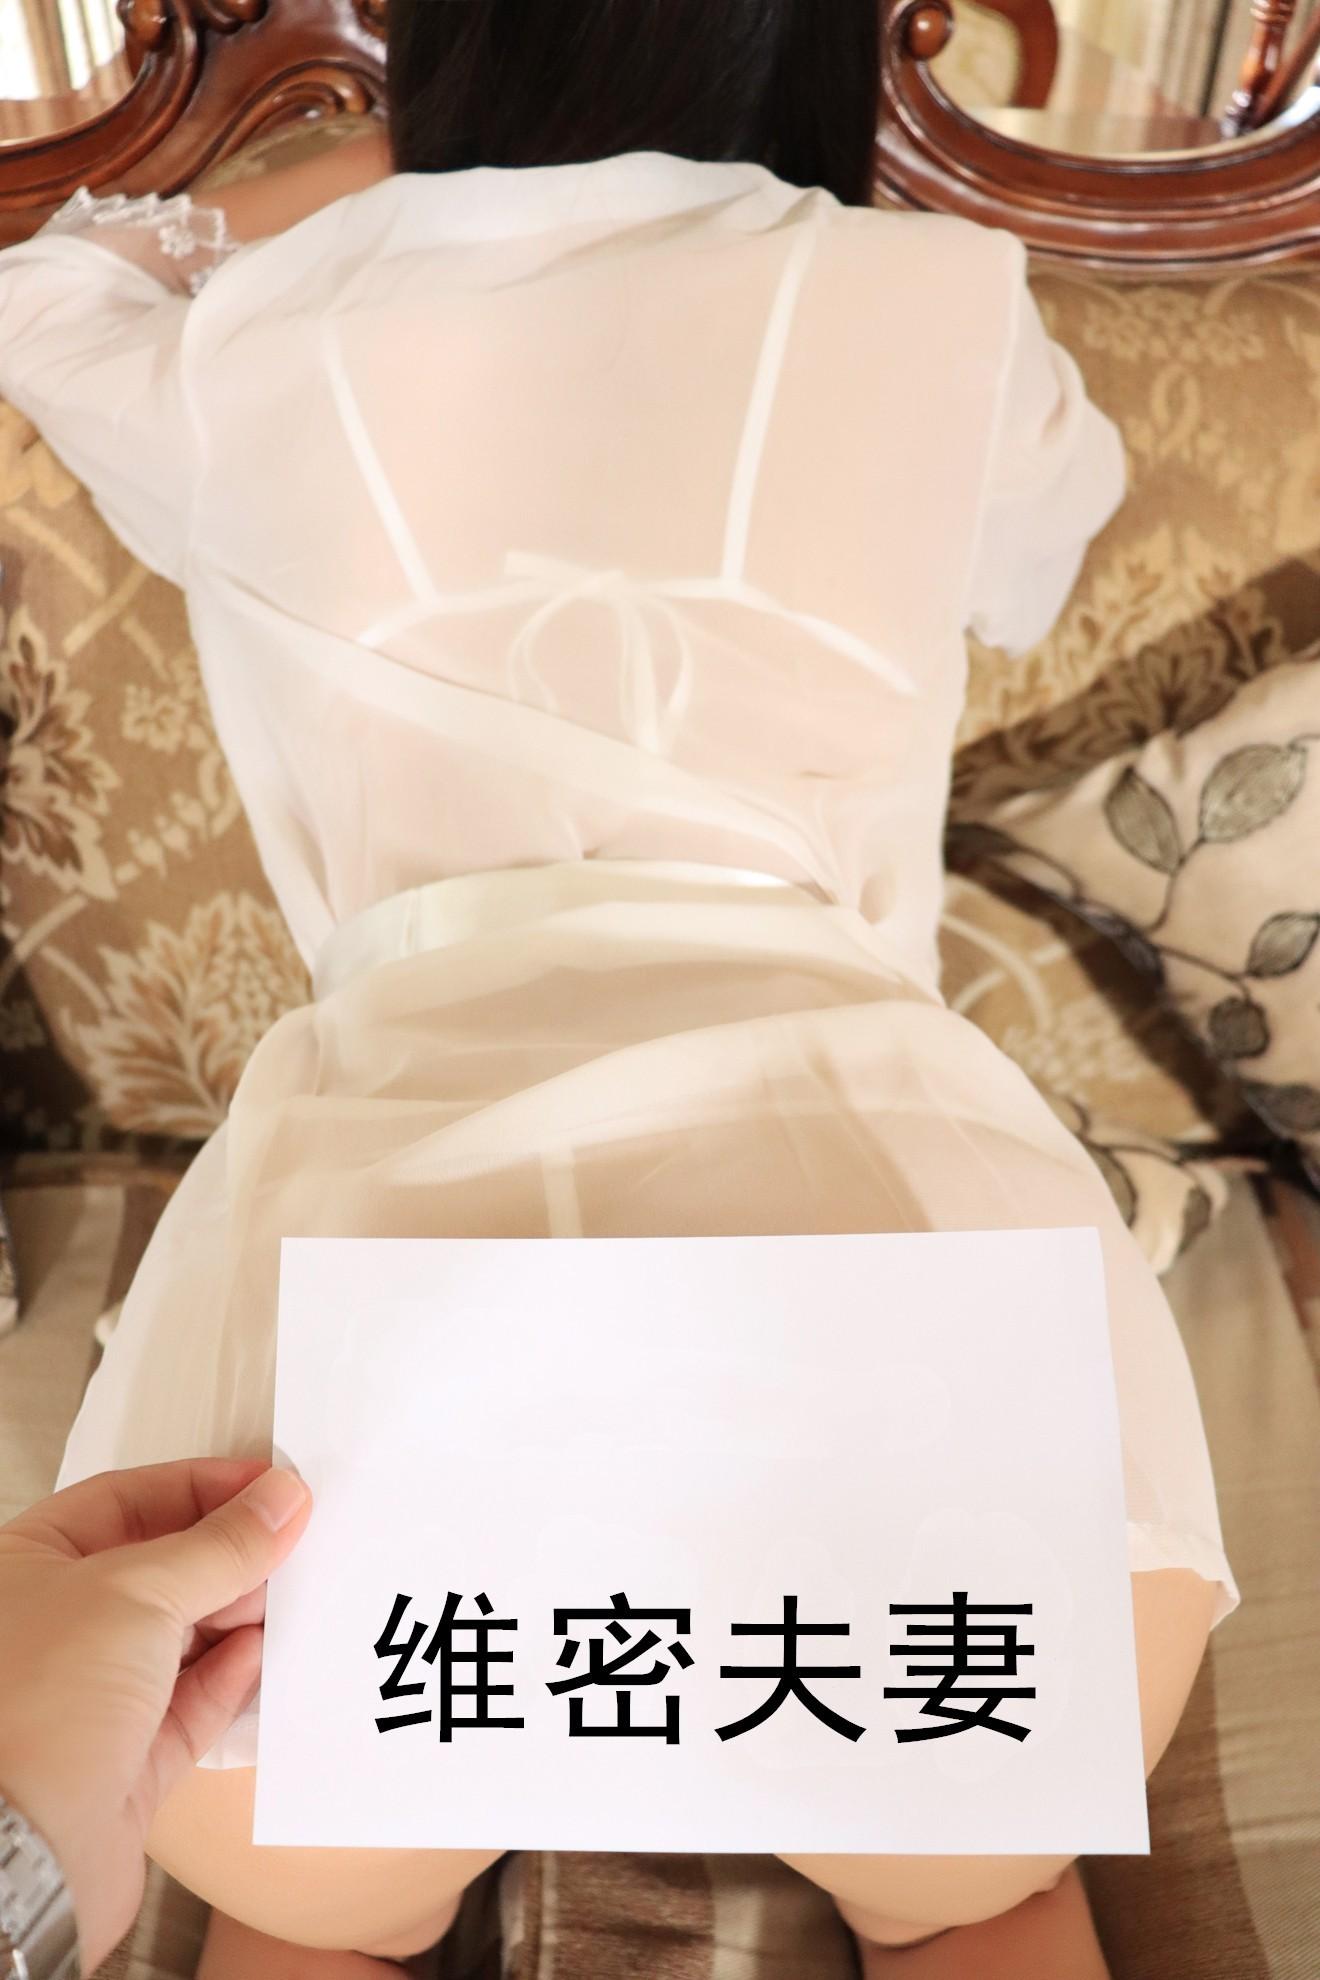 维密夫妻 (3)